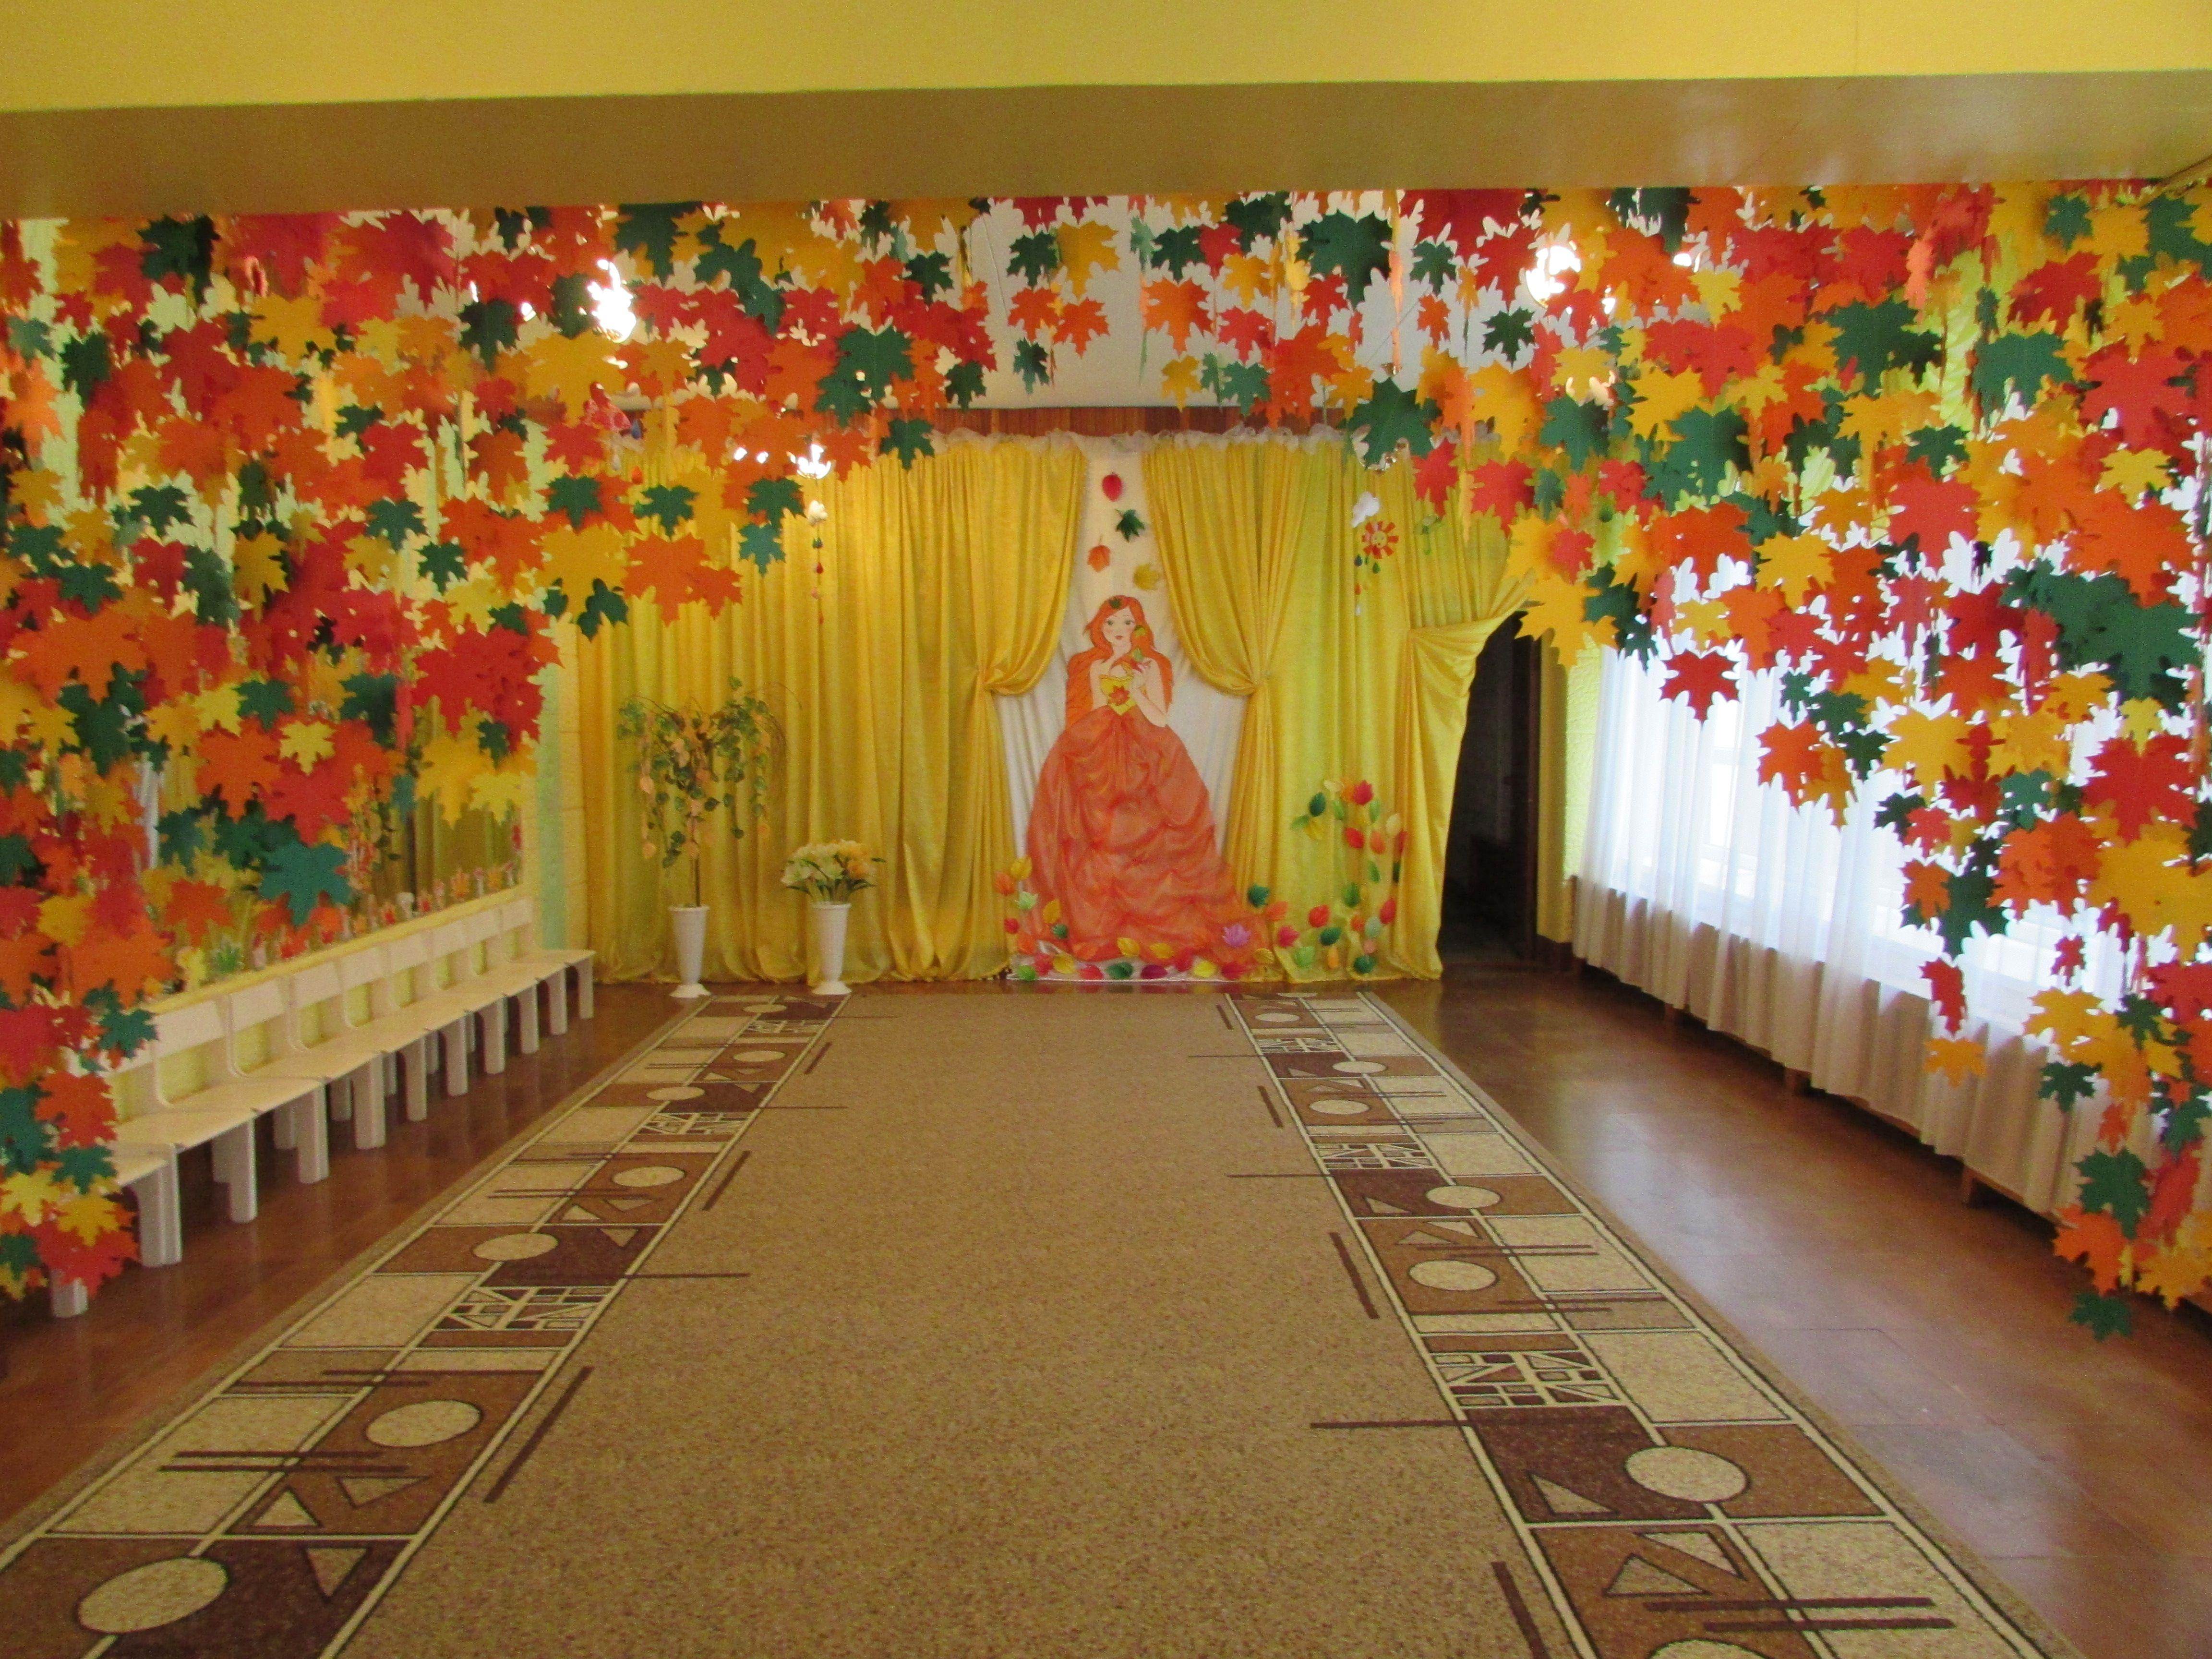 подключена бортовой украшение сцены к празднику осени фото есть самом договоре